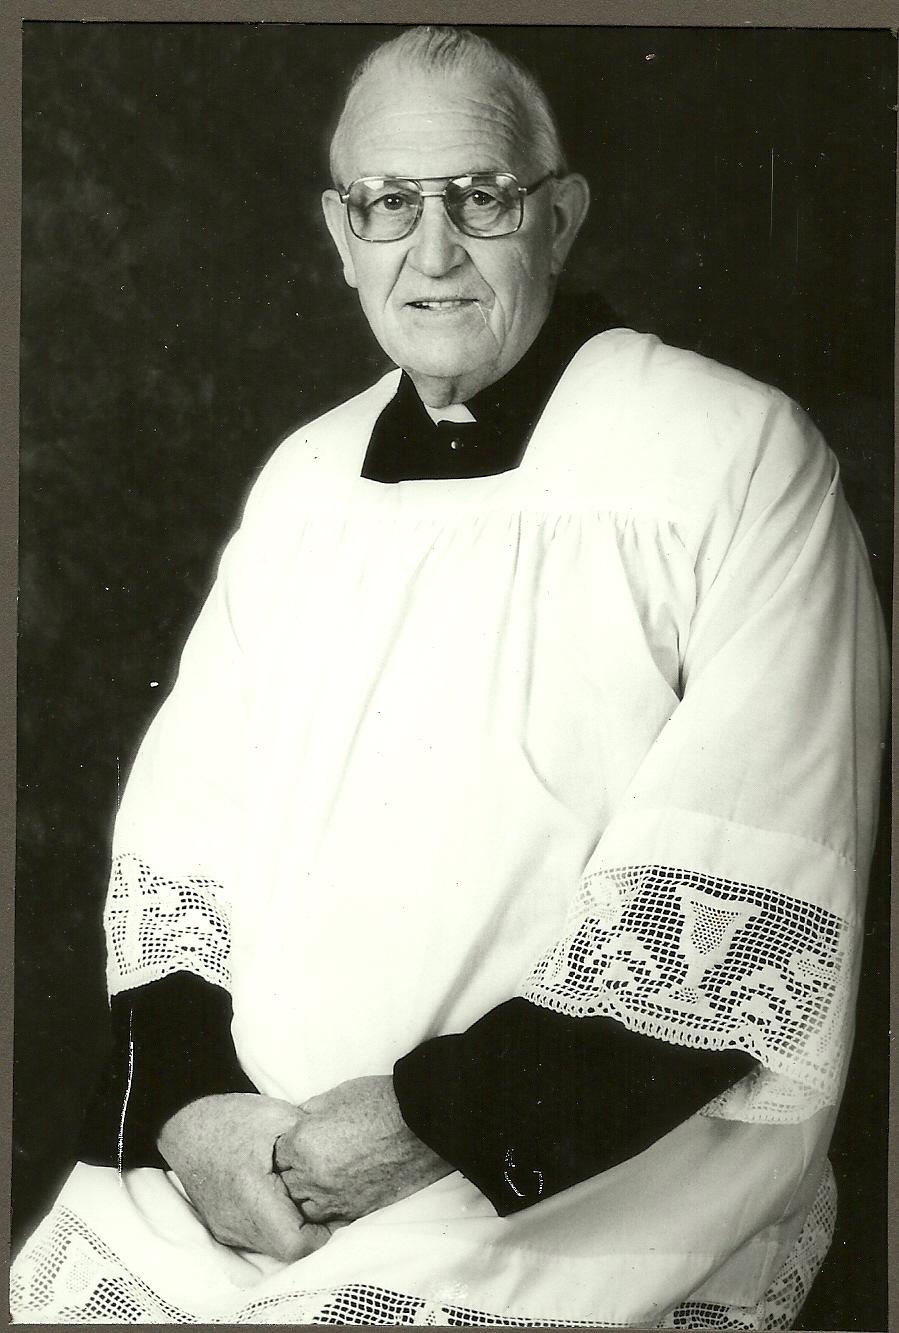 Fr Paddy Mullaney